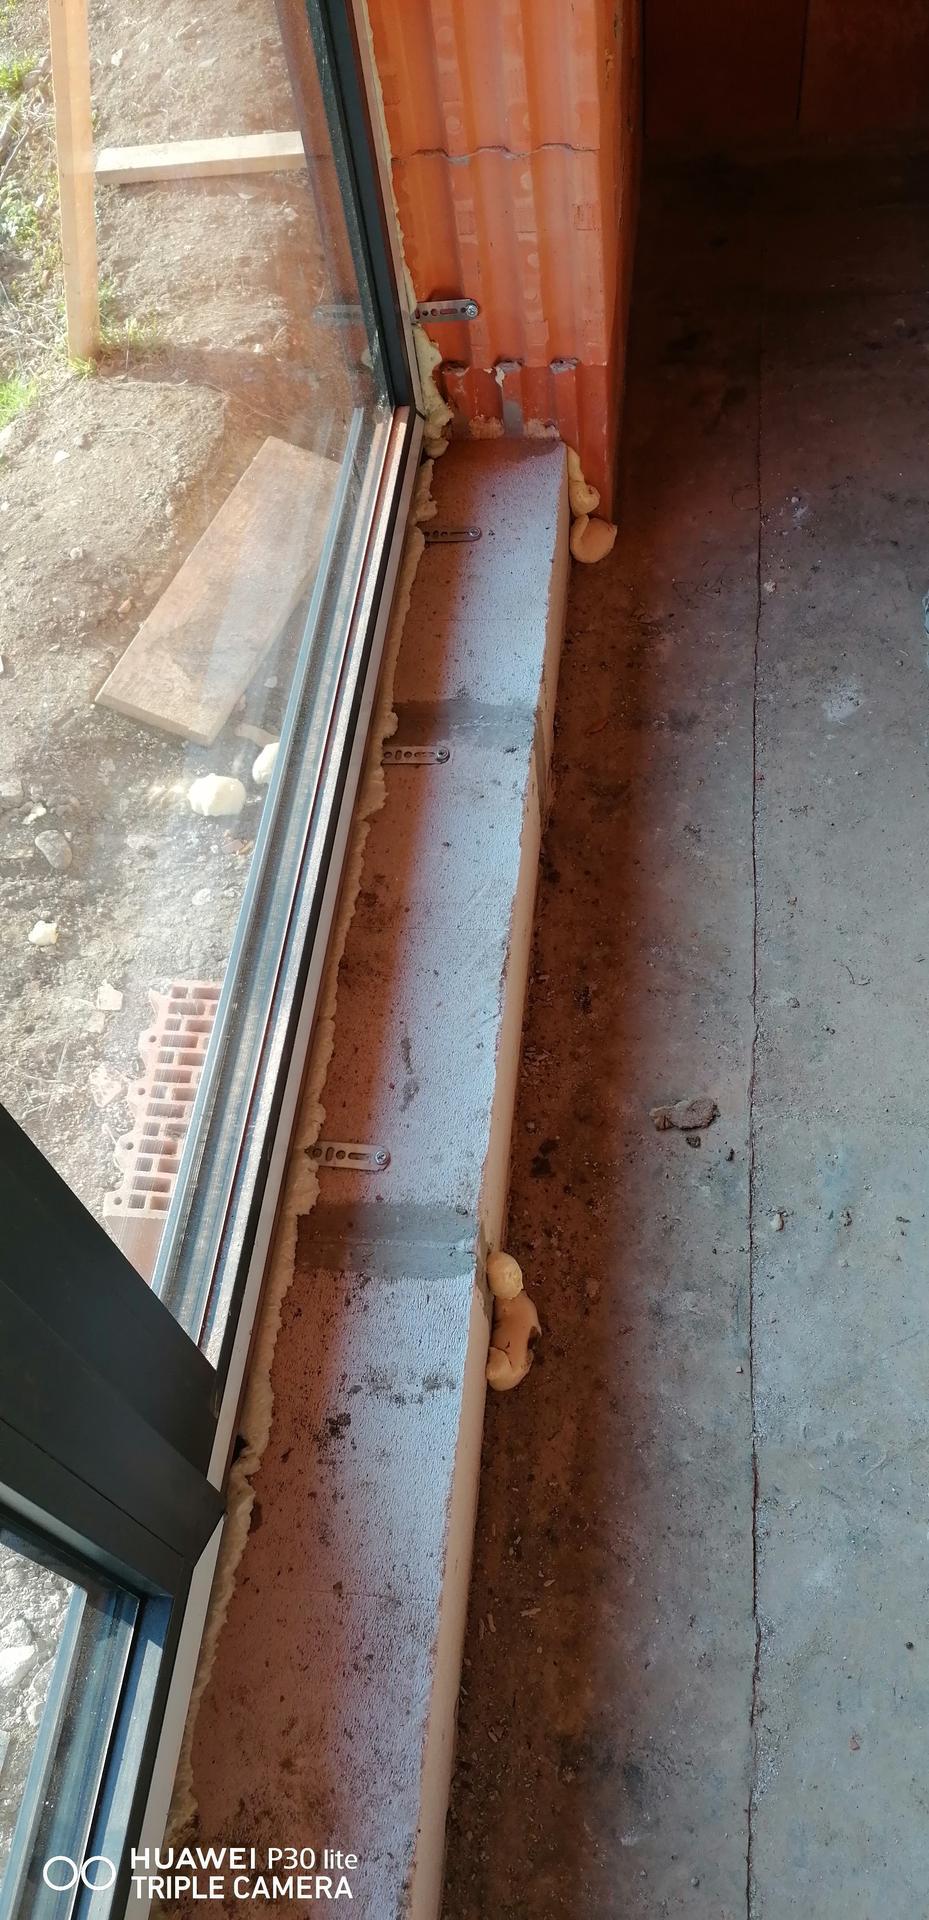 Terasove okna i dvere... - Obrázok č. 1